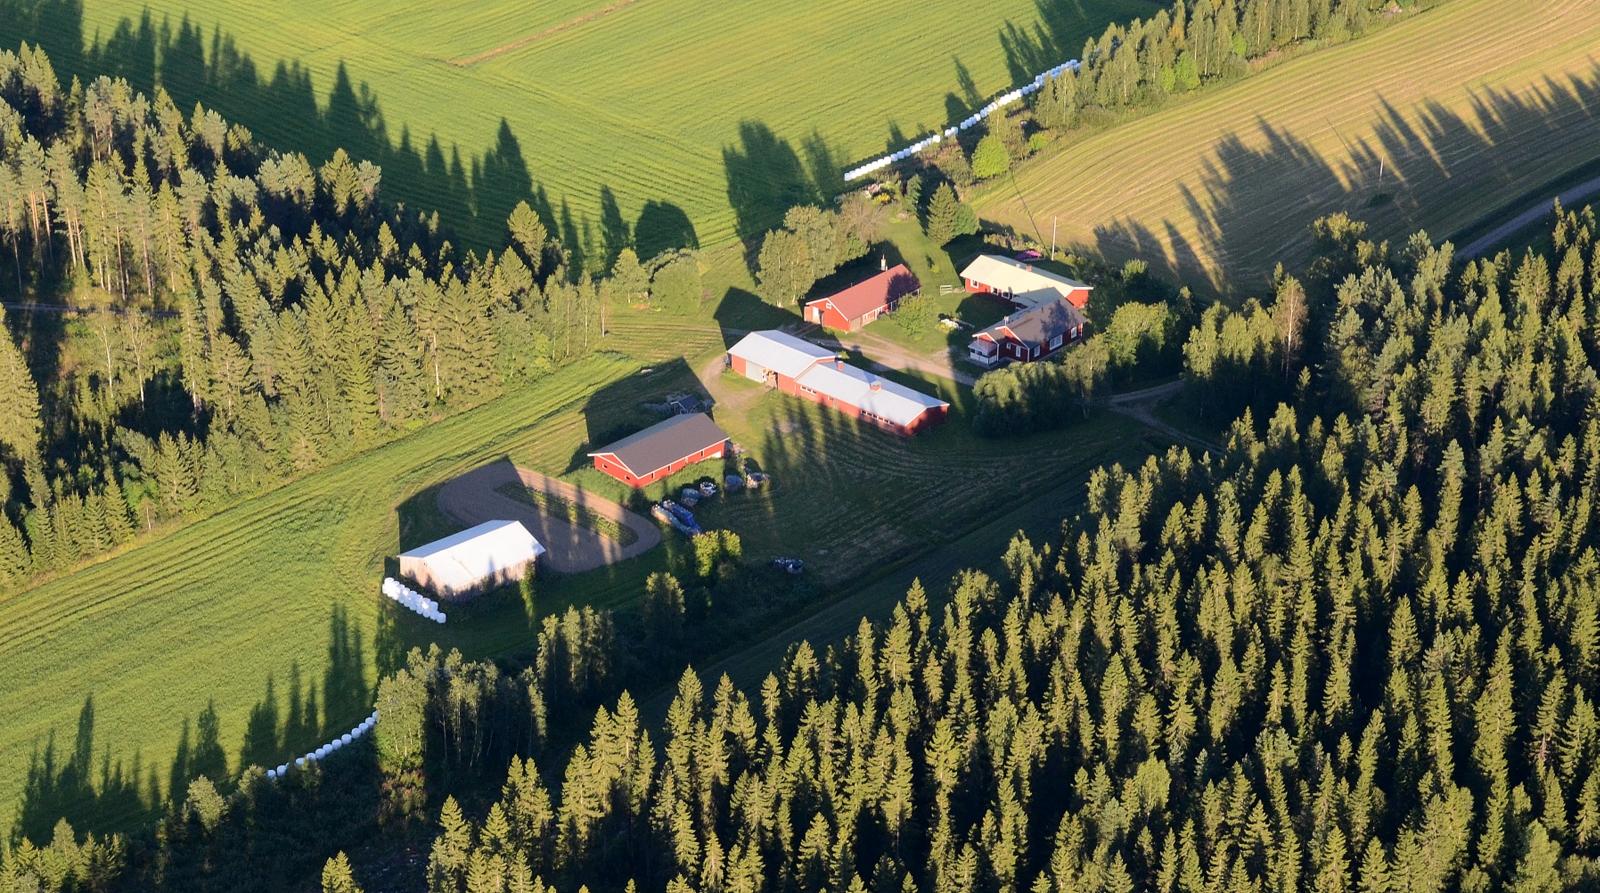 Rasila selkeästi Vesannon mailla, kun oikaisin vähemmän metsäisiä maisemia Viitasaaren Kaakonkulmalle.